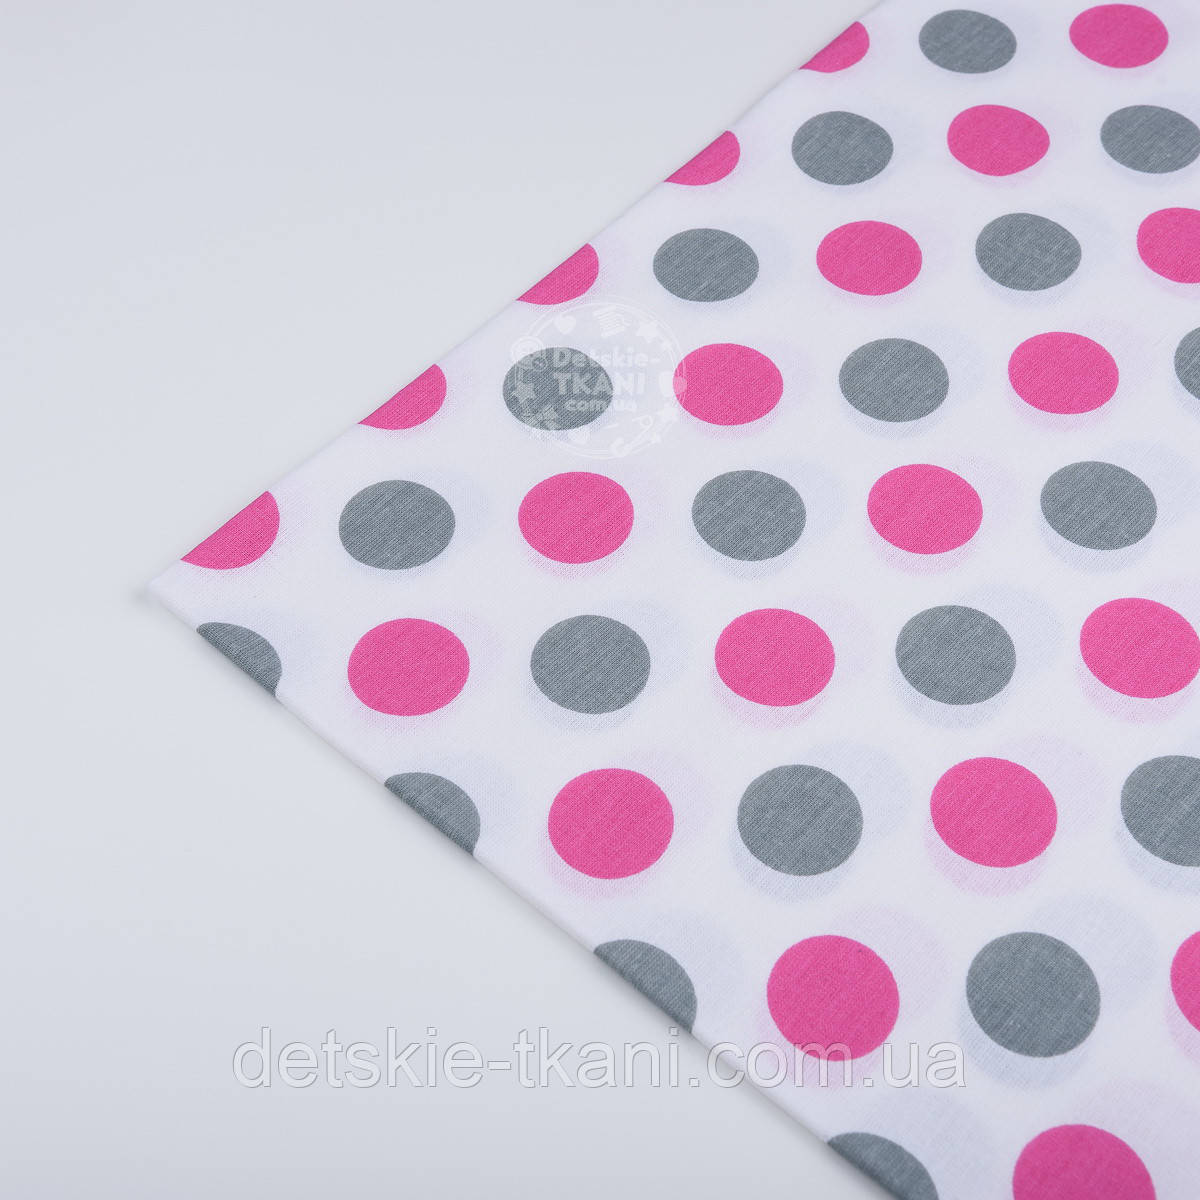 Лоскут ткани №538а с серыми и малиновыми горохами размером 3 см